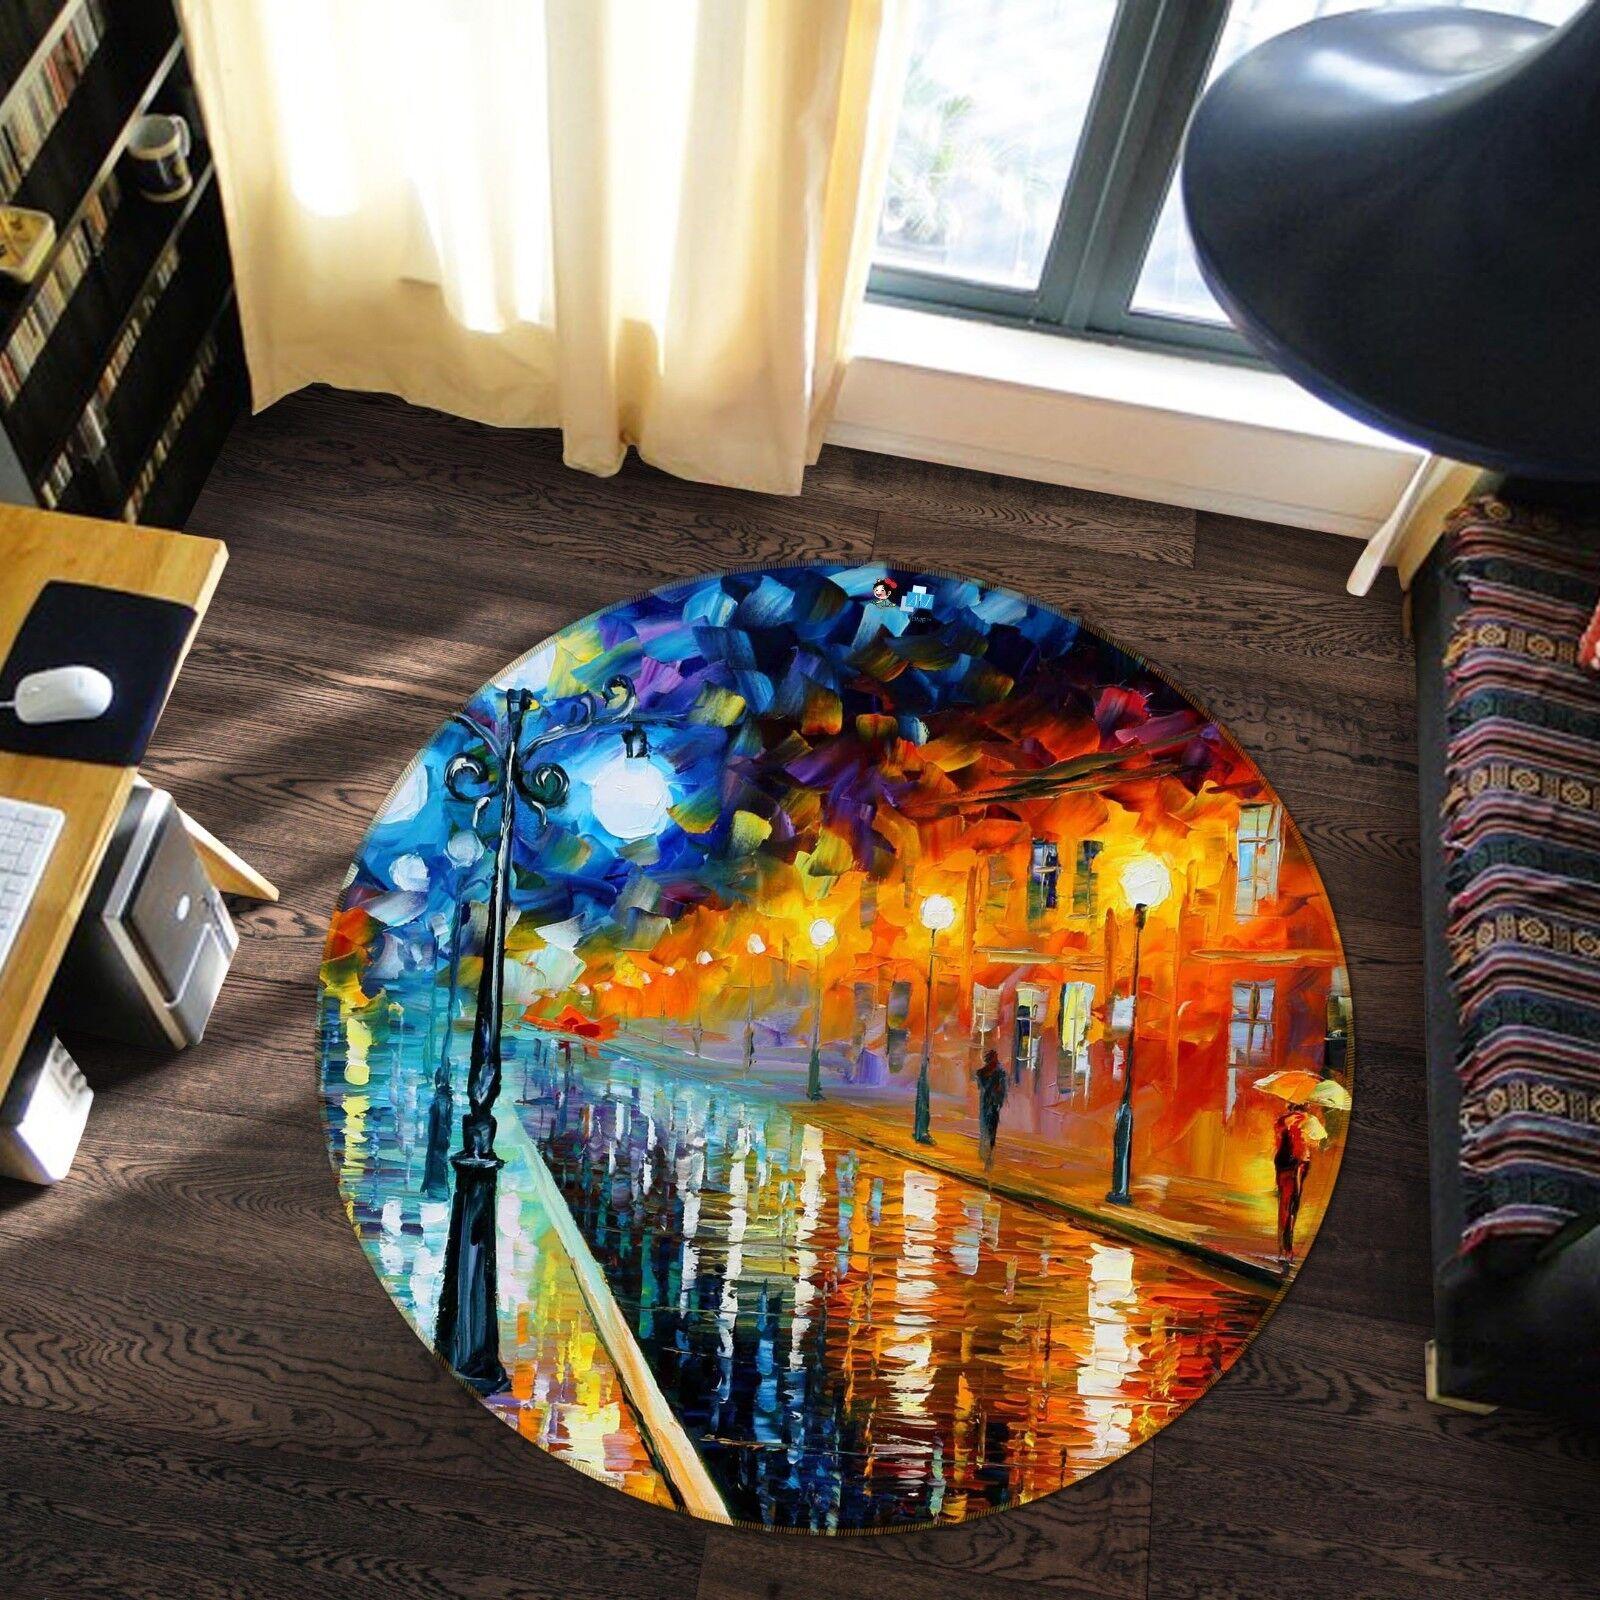 3D Pioggia STREET 5 tappetino antiscivolo tappeto camera Tappetino Tondo Qualità Elegante foto Tappeto UK